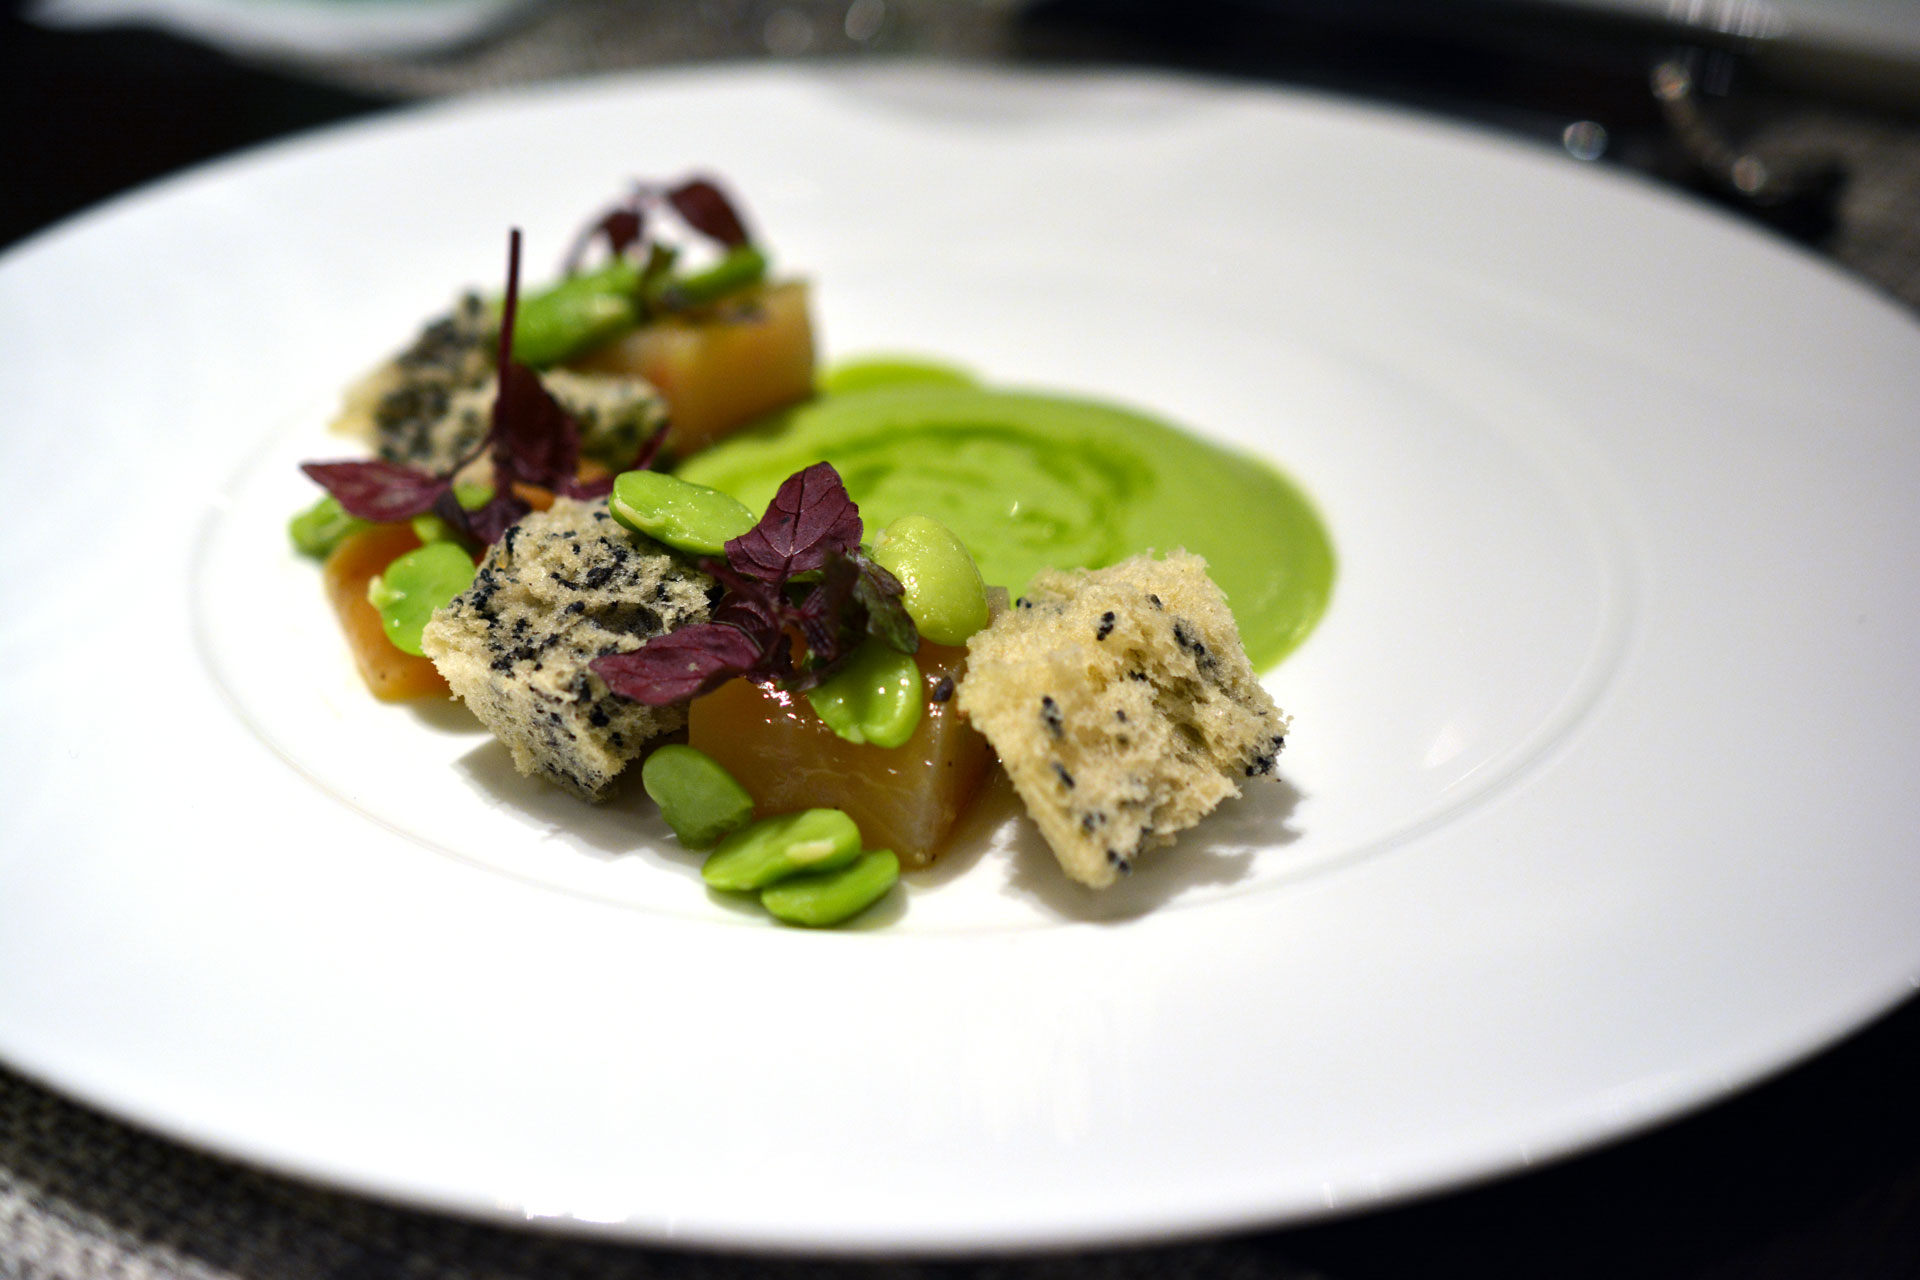 Kalt geräucherte Seeforelle mit Saubohnen, schwarzer Sesam